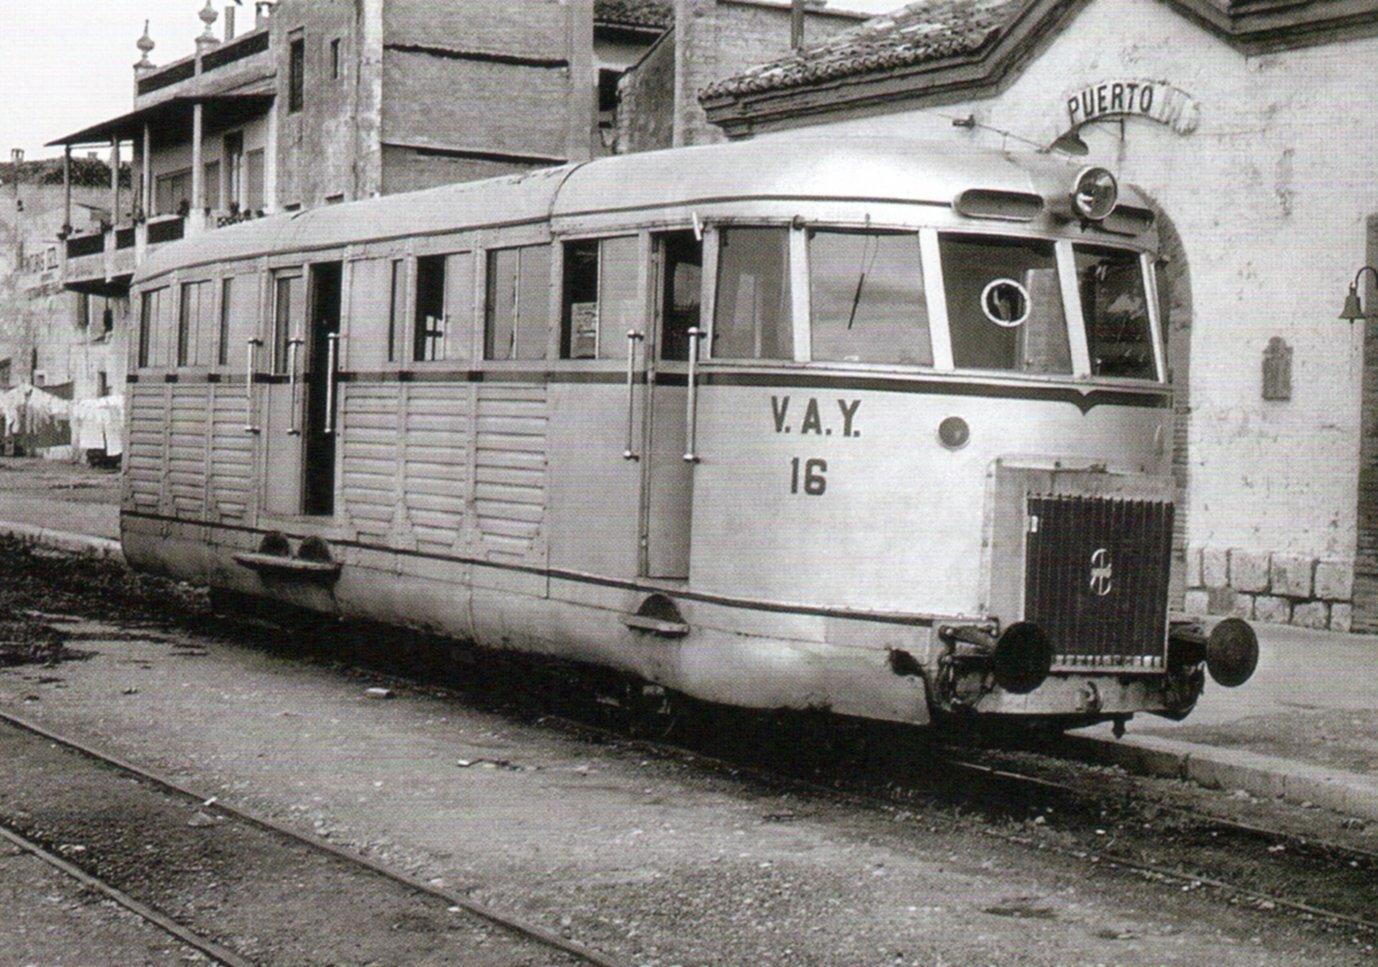 Autovia a gasoil de la VAY a l'estació del Grau